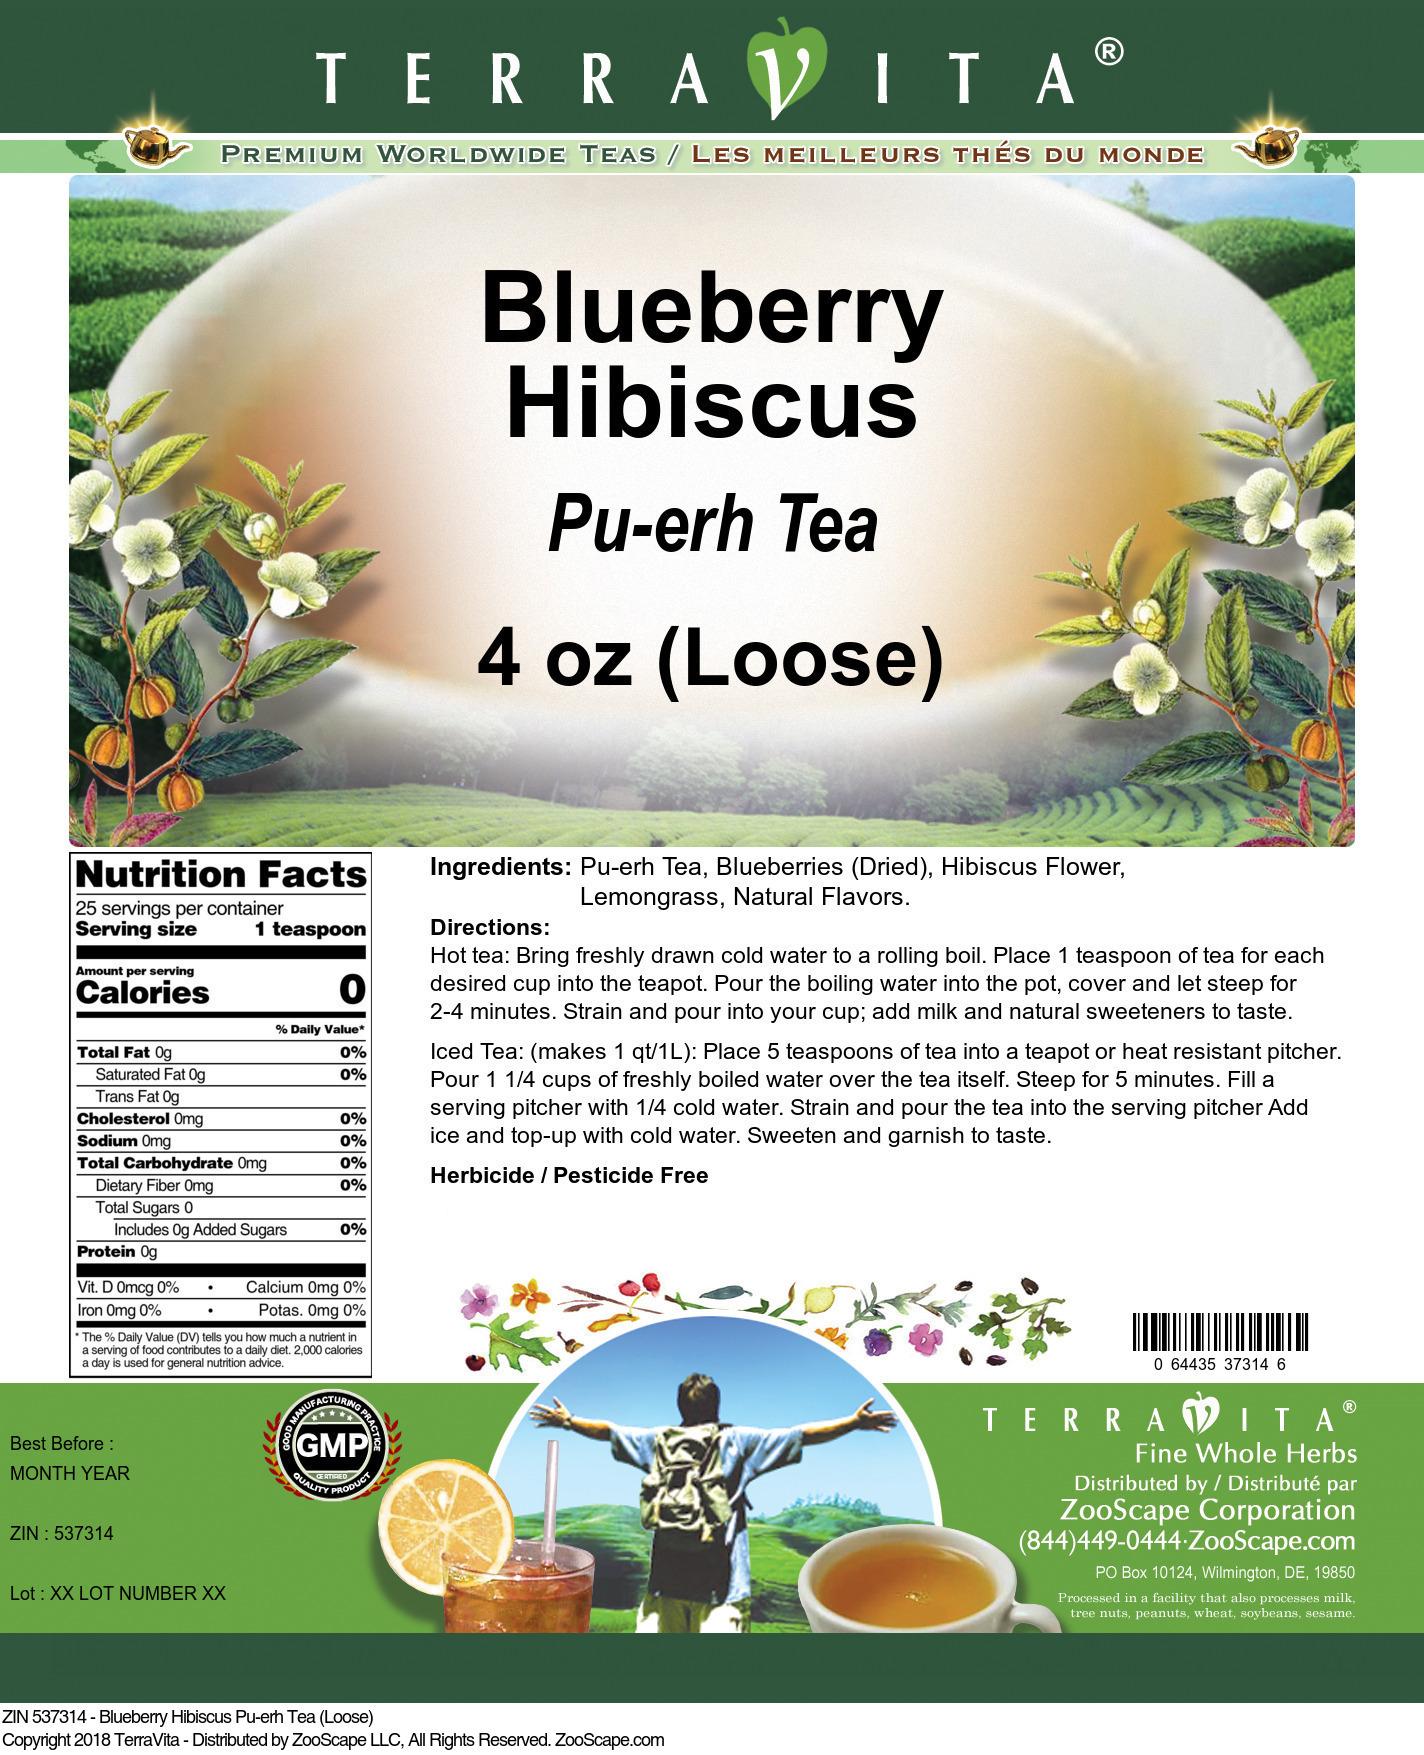 Blueberry Hibiscus Pu-erh Tea (Loose)